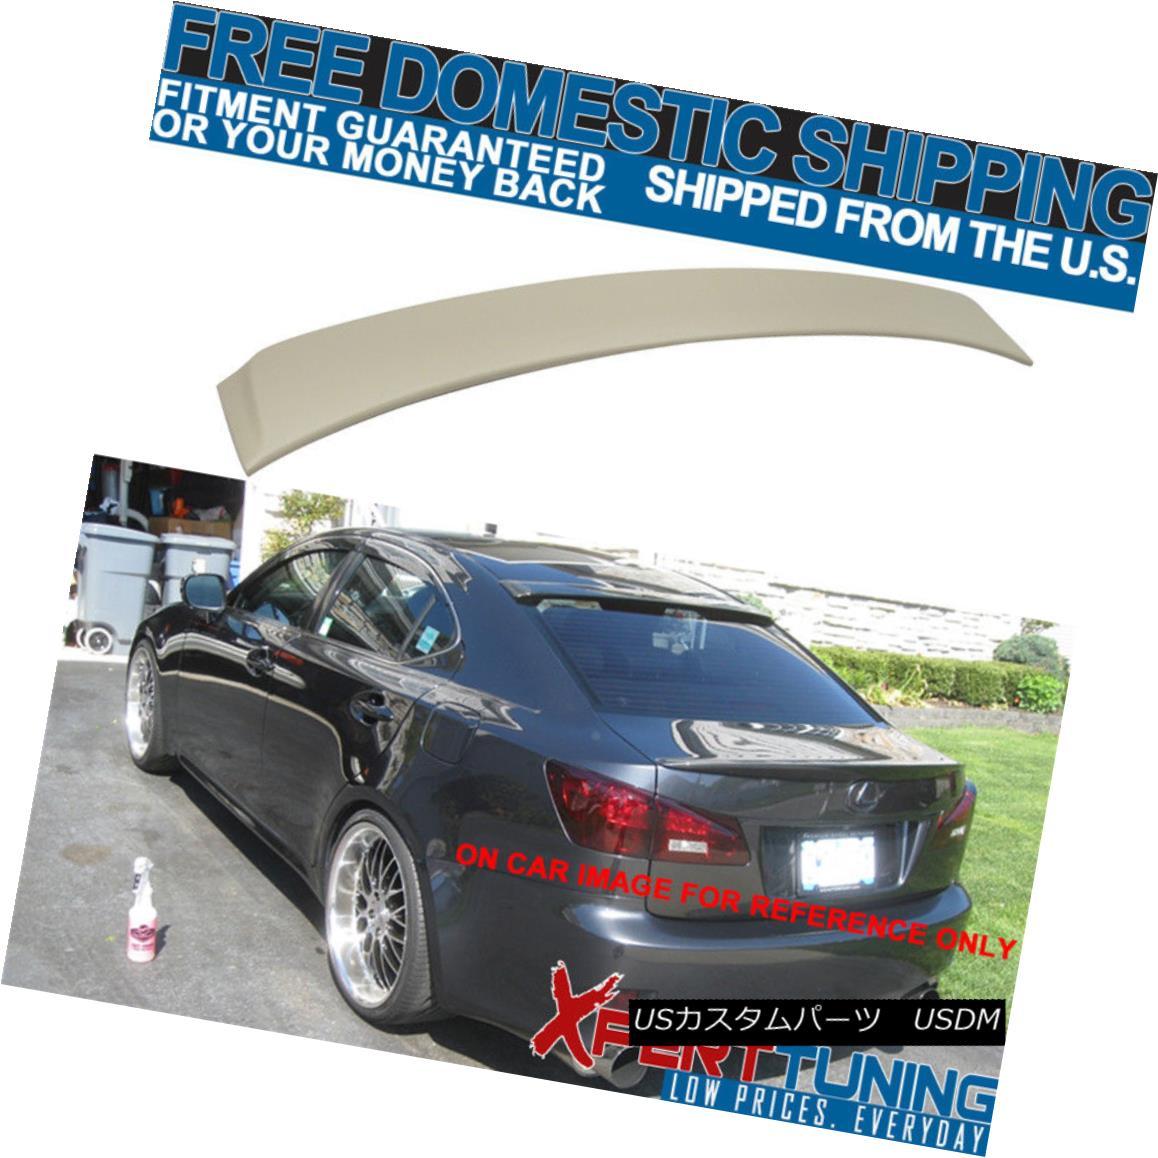 【即納&大特価】 エアロパーツ Fit 06-13 Lexus IS250 IS350 OE Factory Style JDM ABS Unpainted Roof Spoiler Wing フィット06-13レクサスIS250 IS350 OE工場スタイルJDM ABS無塗装ルーフスポイラーウイング, メロディーデザイン 09b938c2